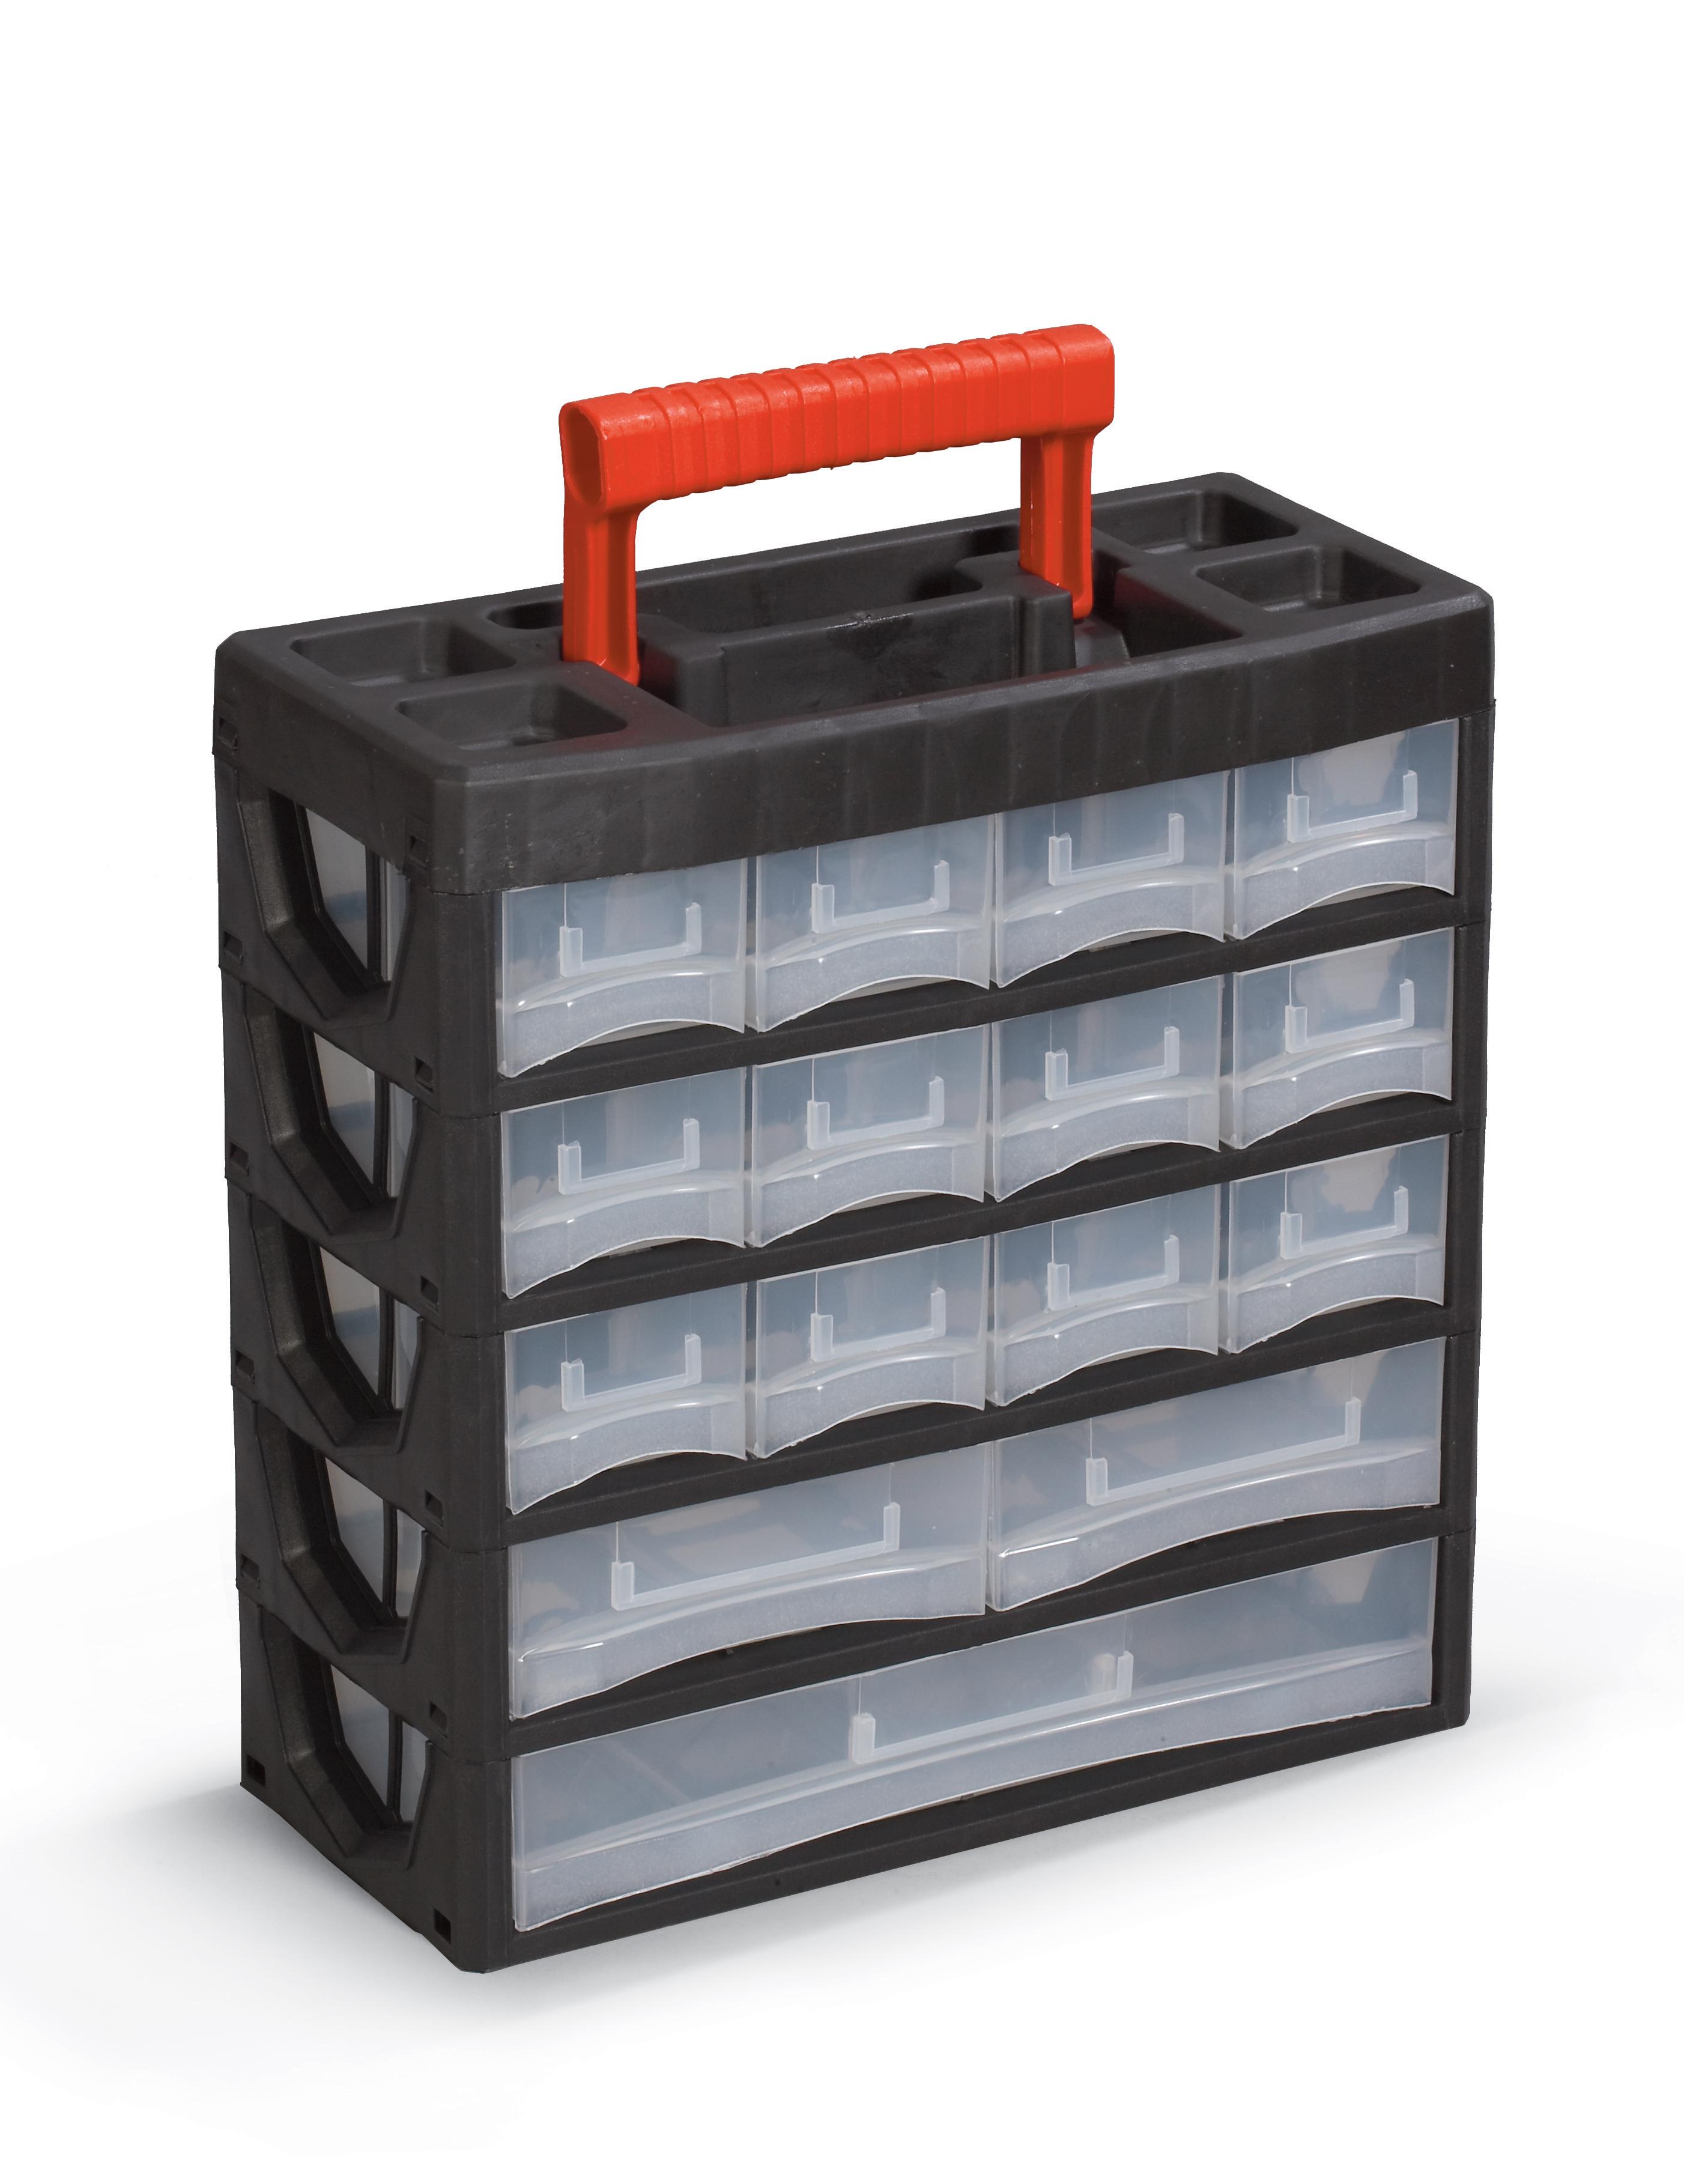 Caja Port/átil de M/ás//cara de Contenedor a Prueba de Polvo,Desechables Ligero y Reutilizable Protege Suciedad y Polvo 4 Piezas Caja para Guardar Mas//carillas Port/átil Sets A:13/×13/×2CM